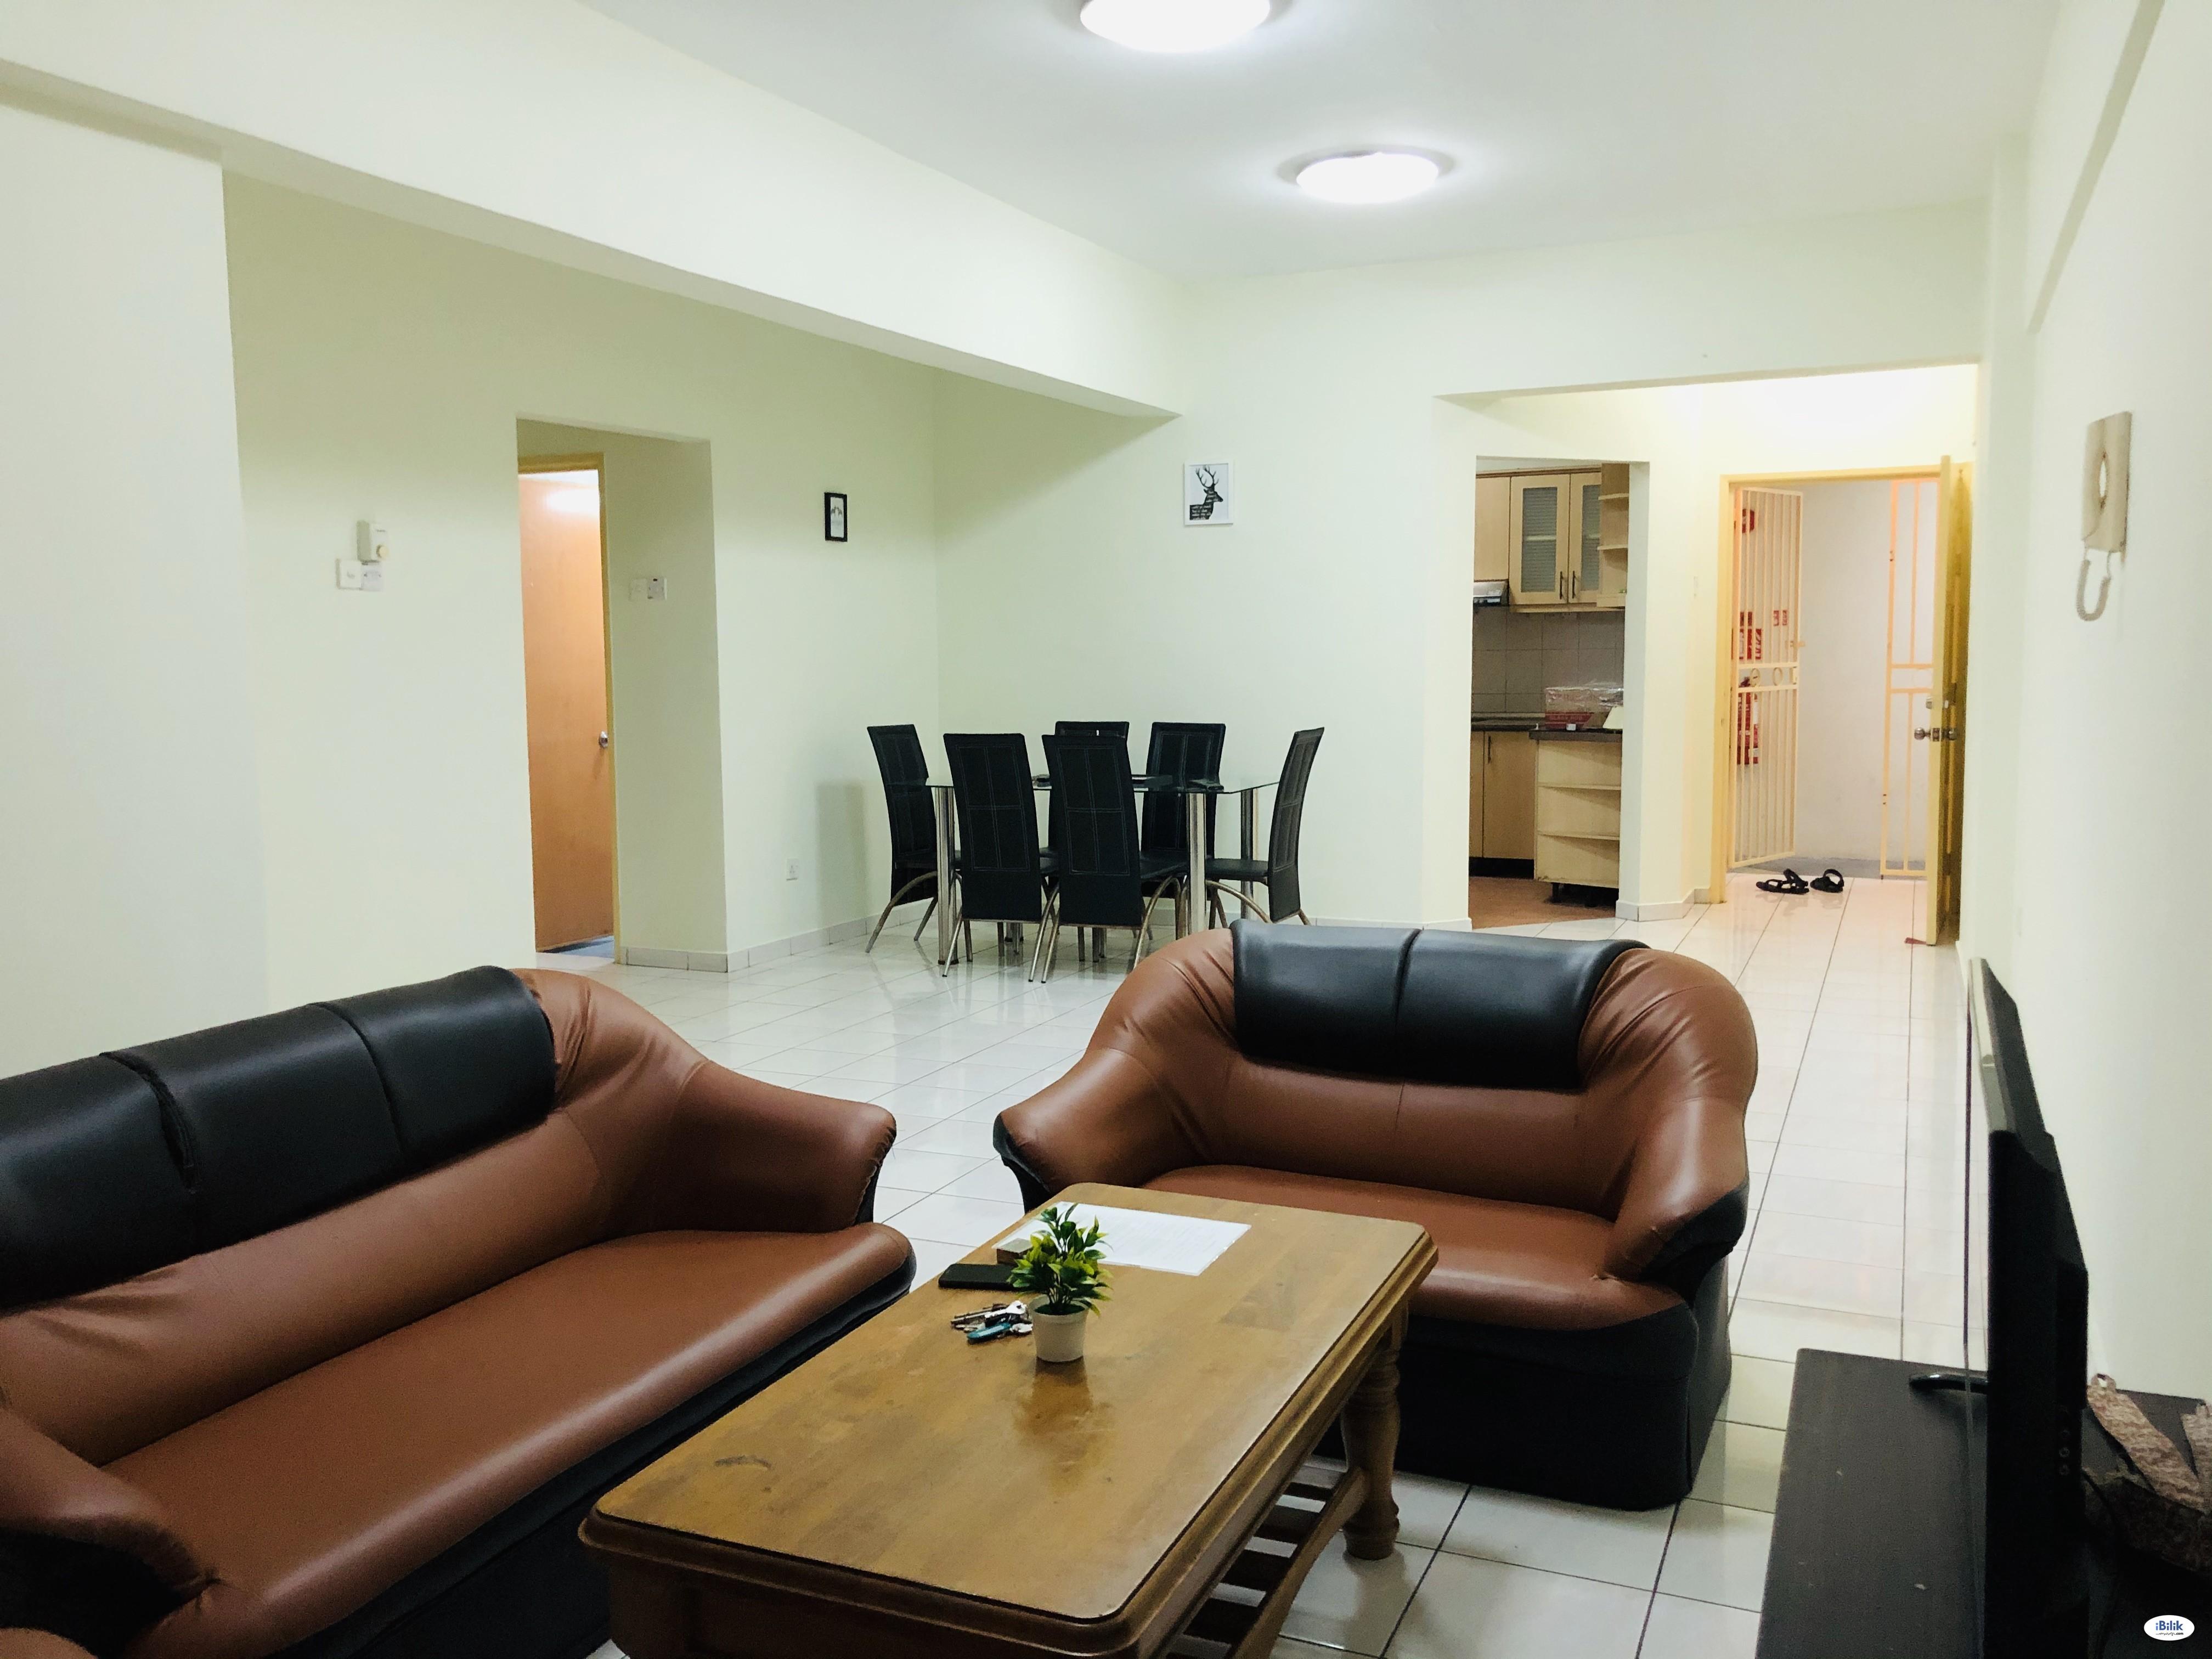 [Available Aug] Medium Room at Wangsa Metroview/5-mins walk LRT Wangsa Maju & TAR Shuttle Bus